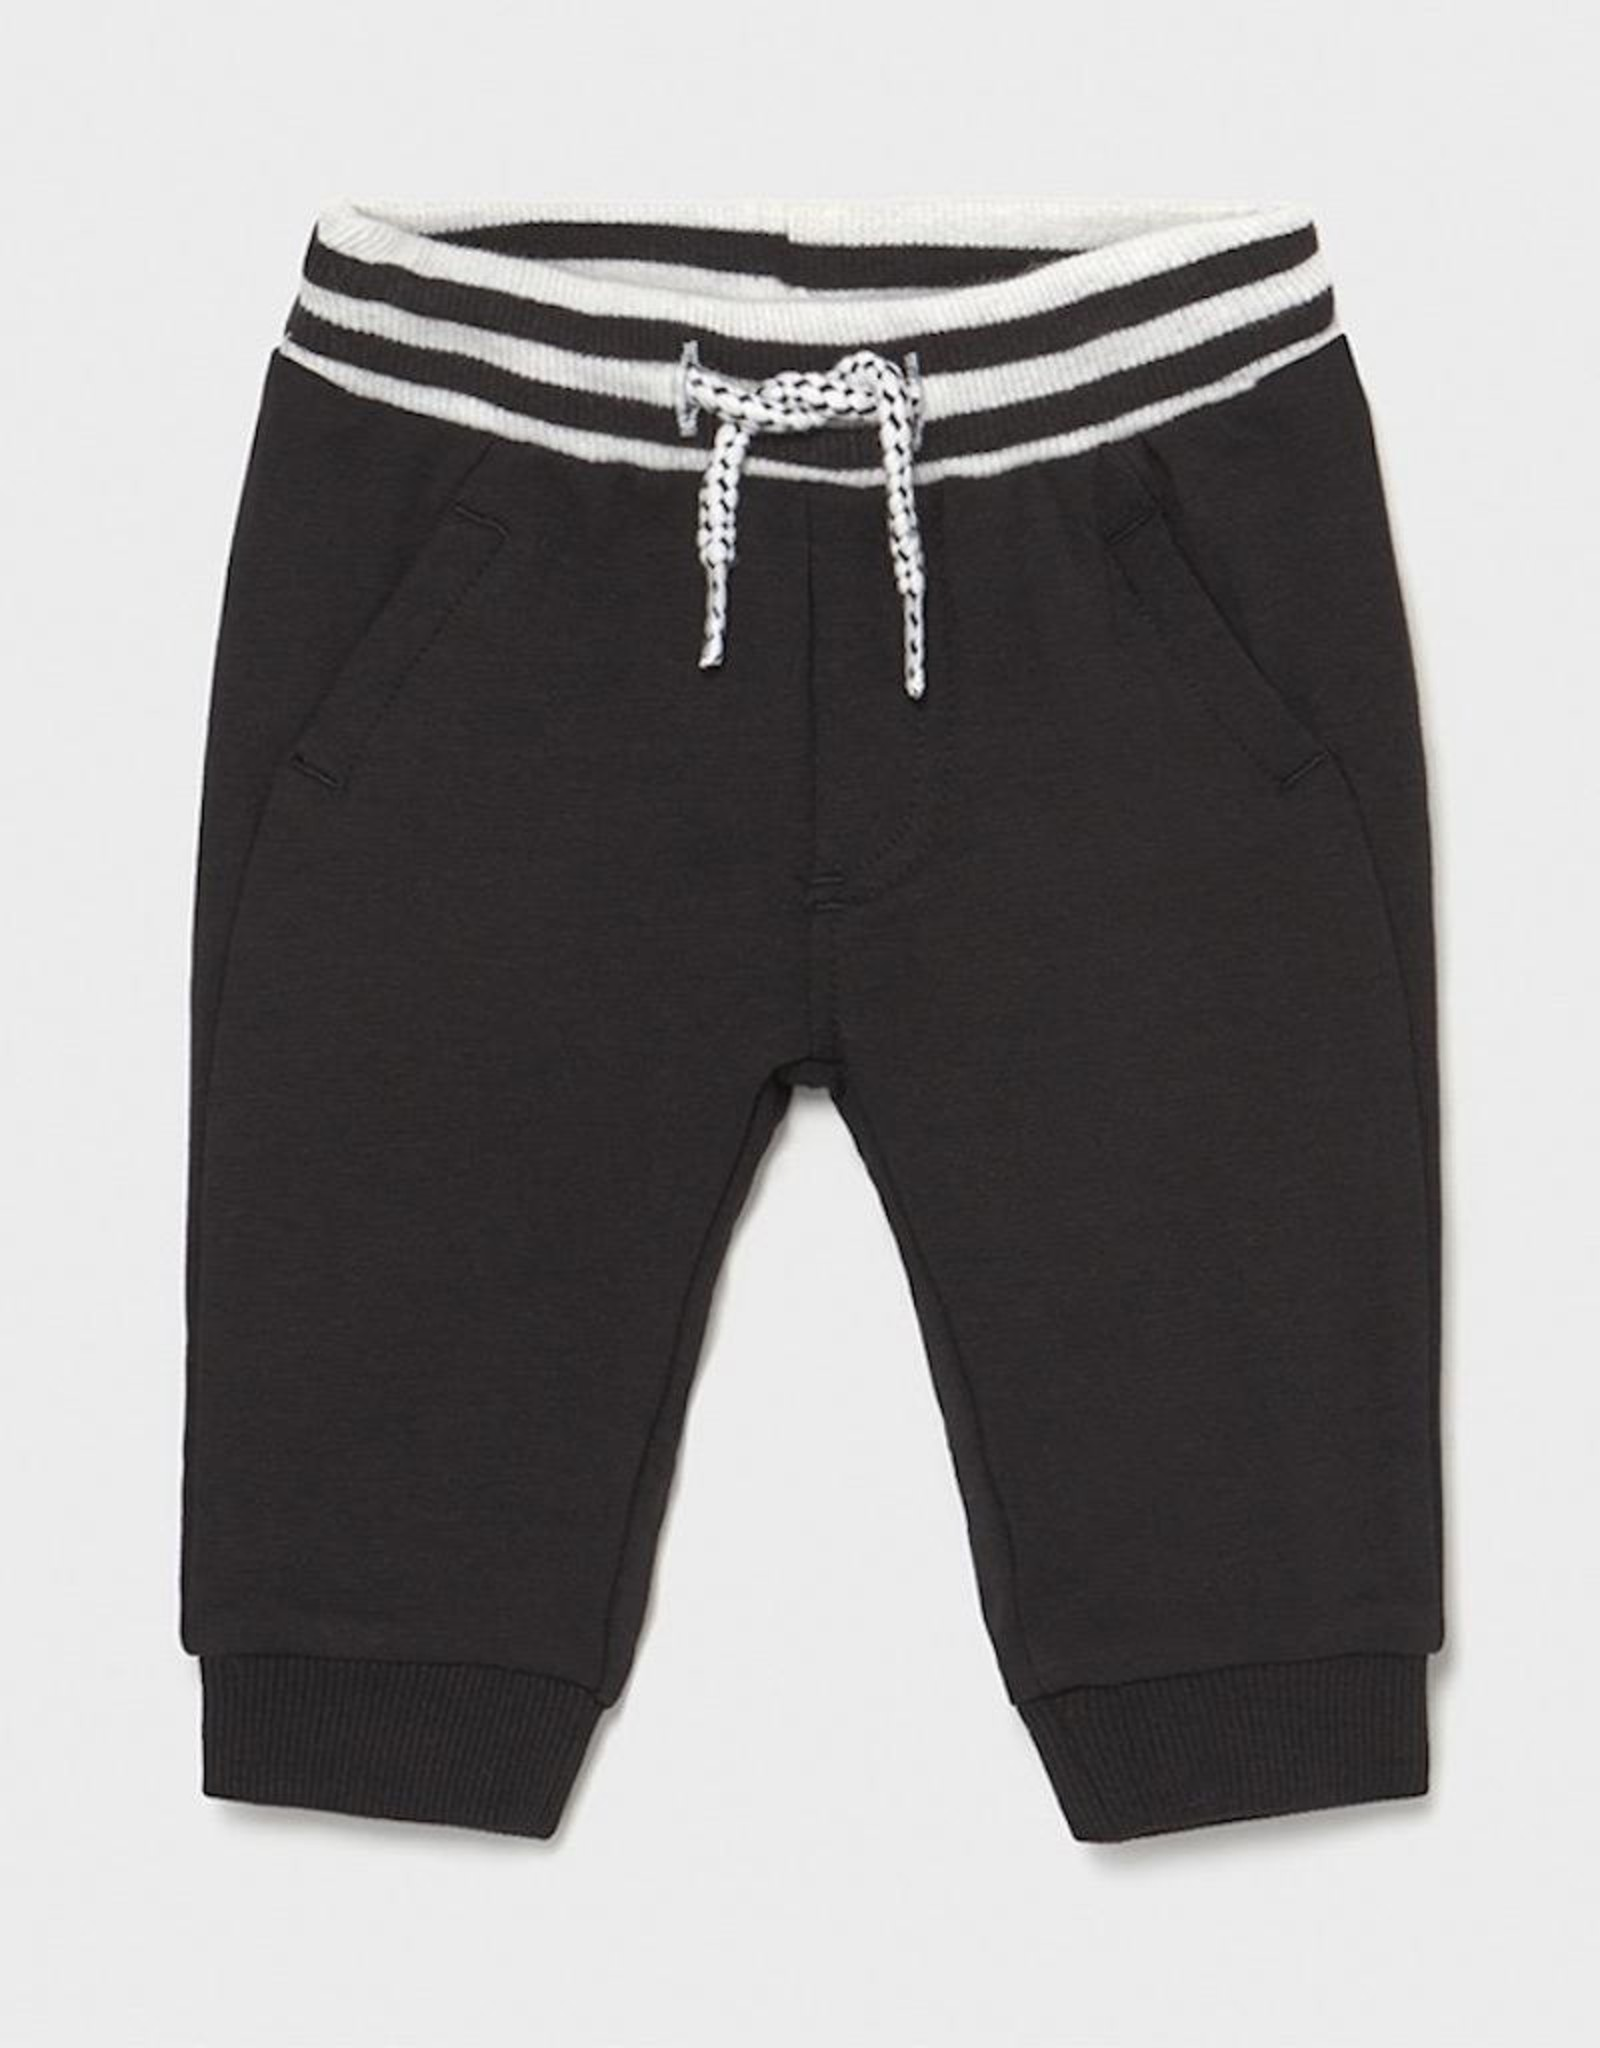 Mayoral Black Long Baby Pants